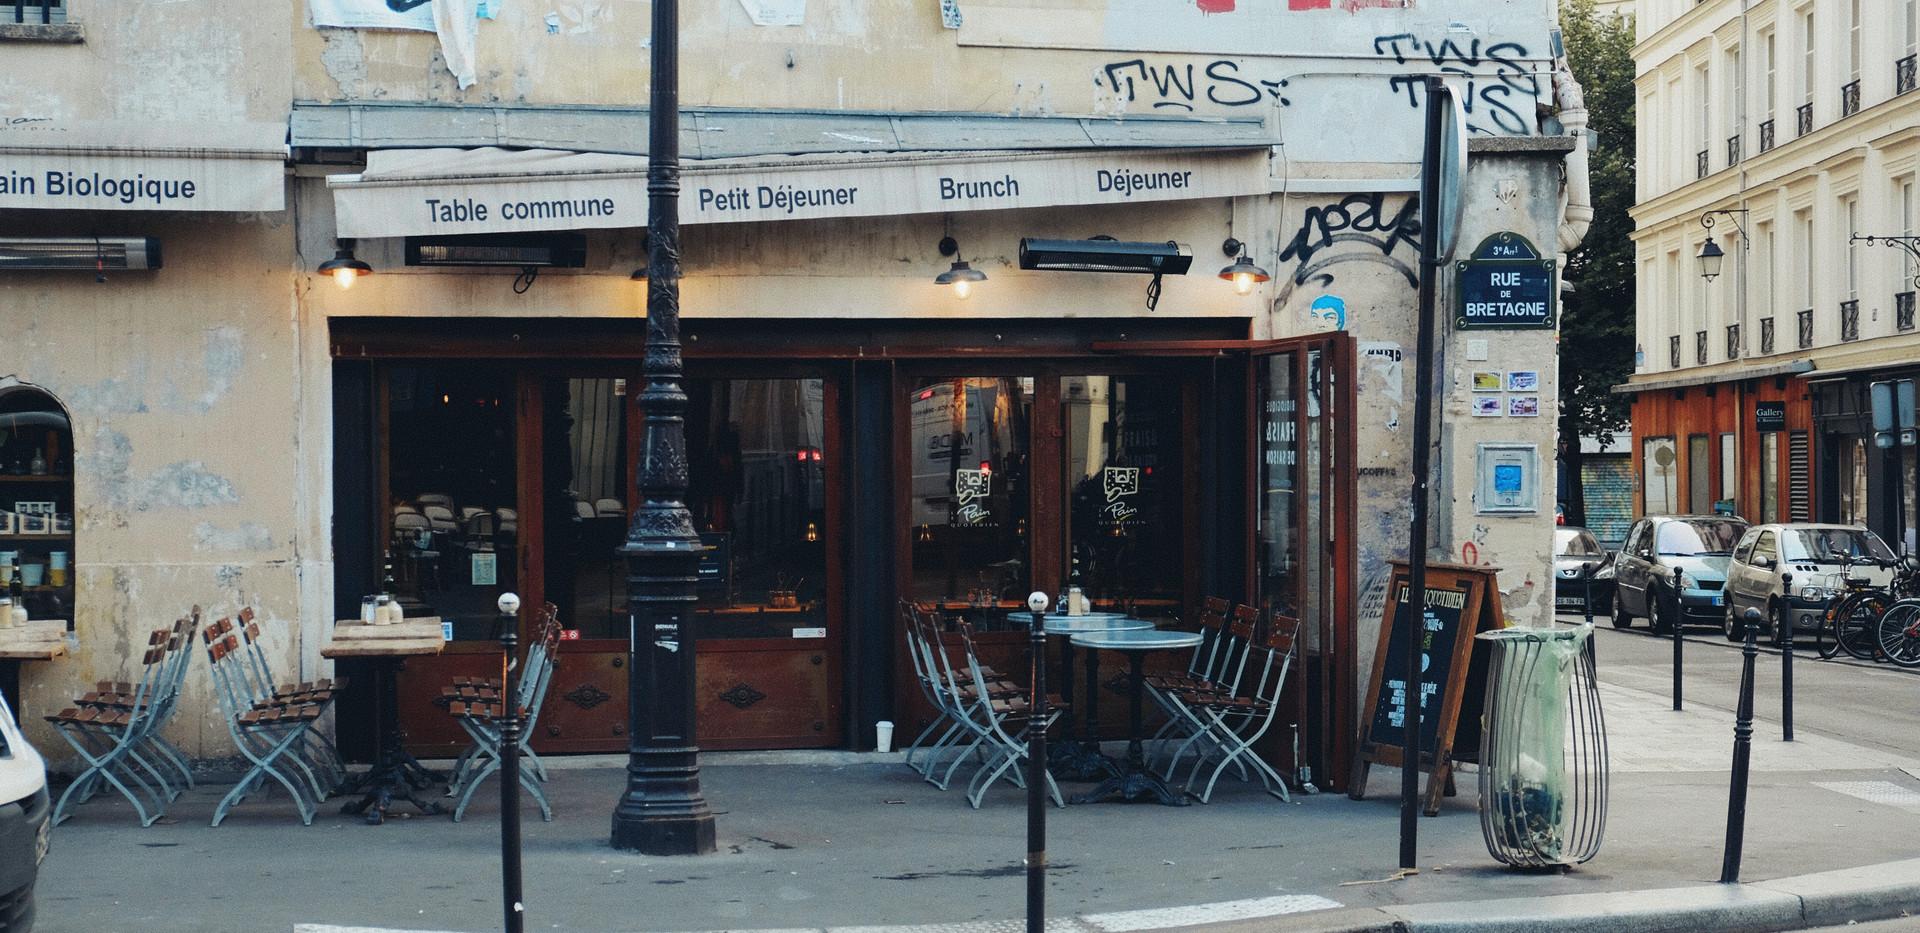 파리에서 자연스럽게 그리기 _ 가로 포스터 _ 05.jpg